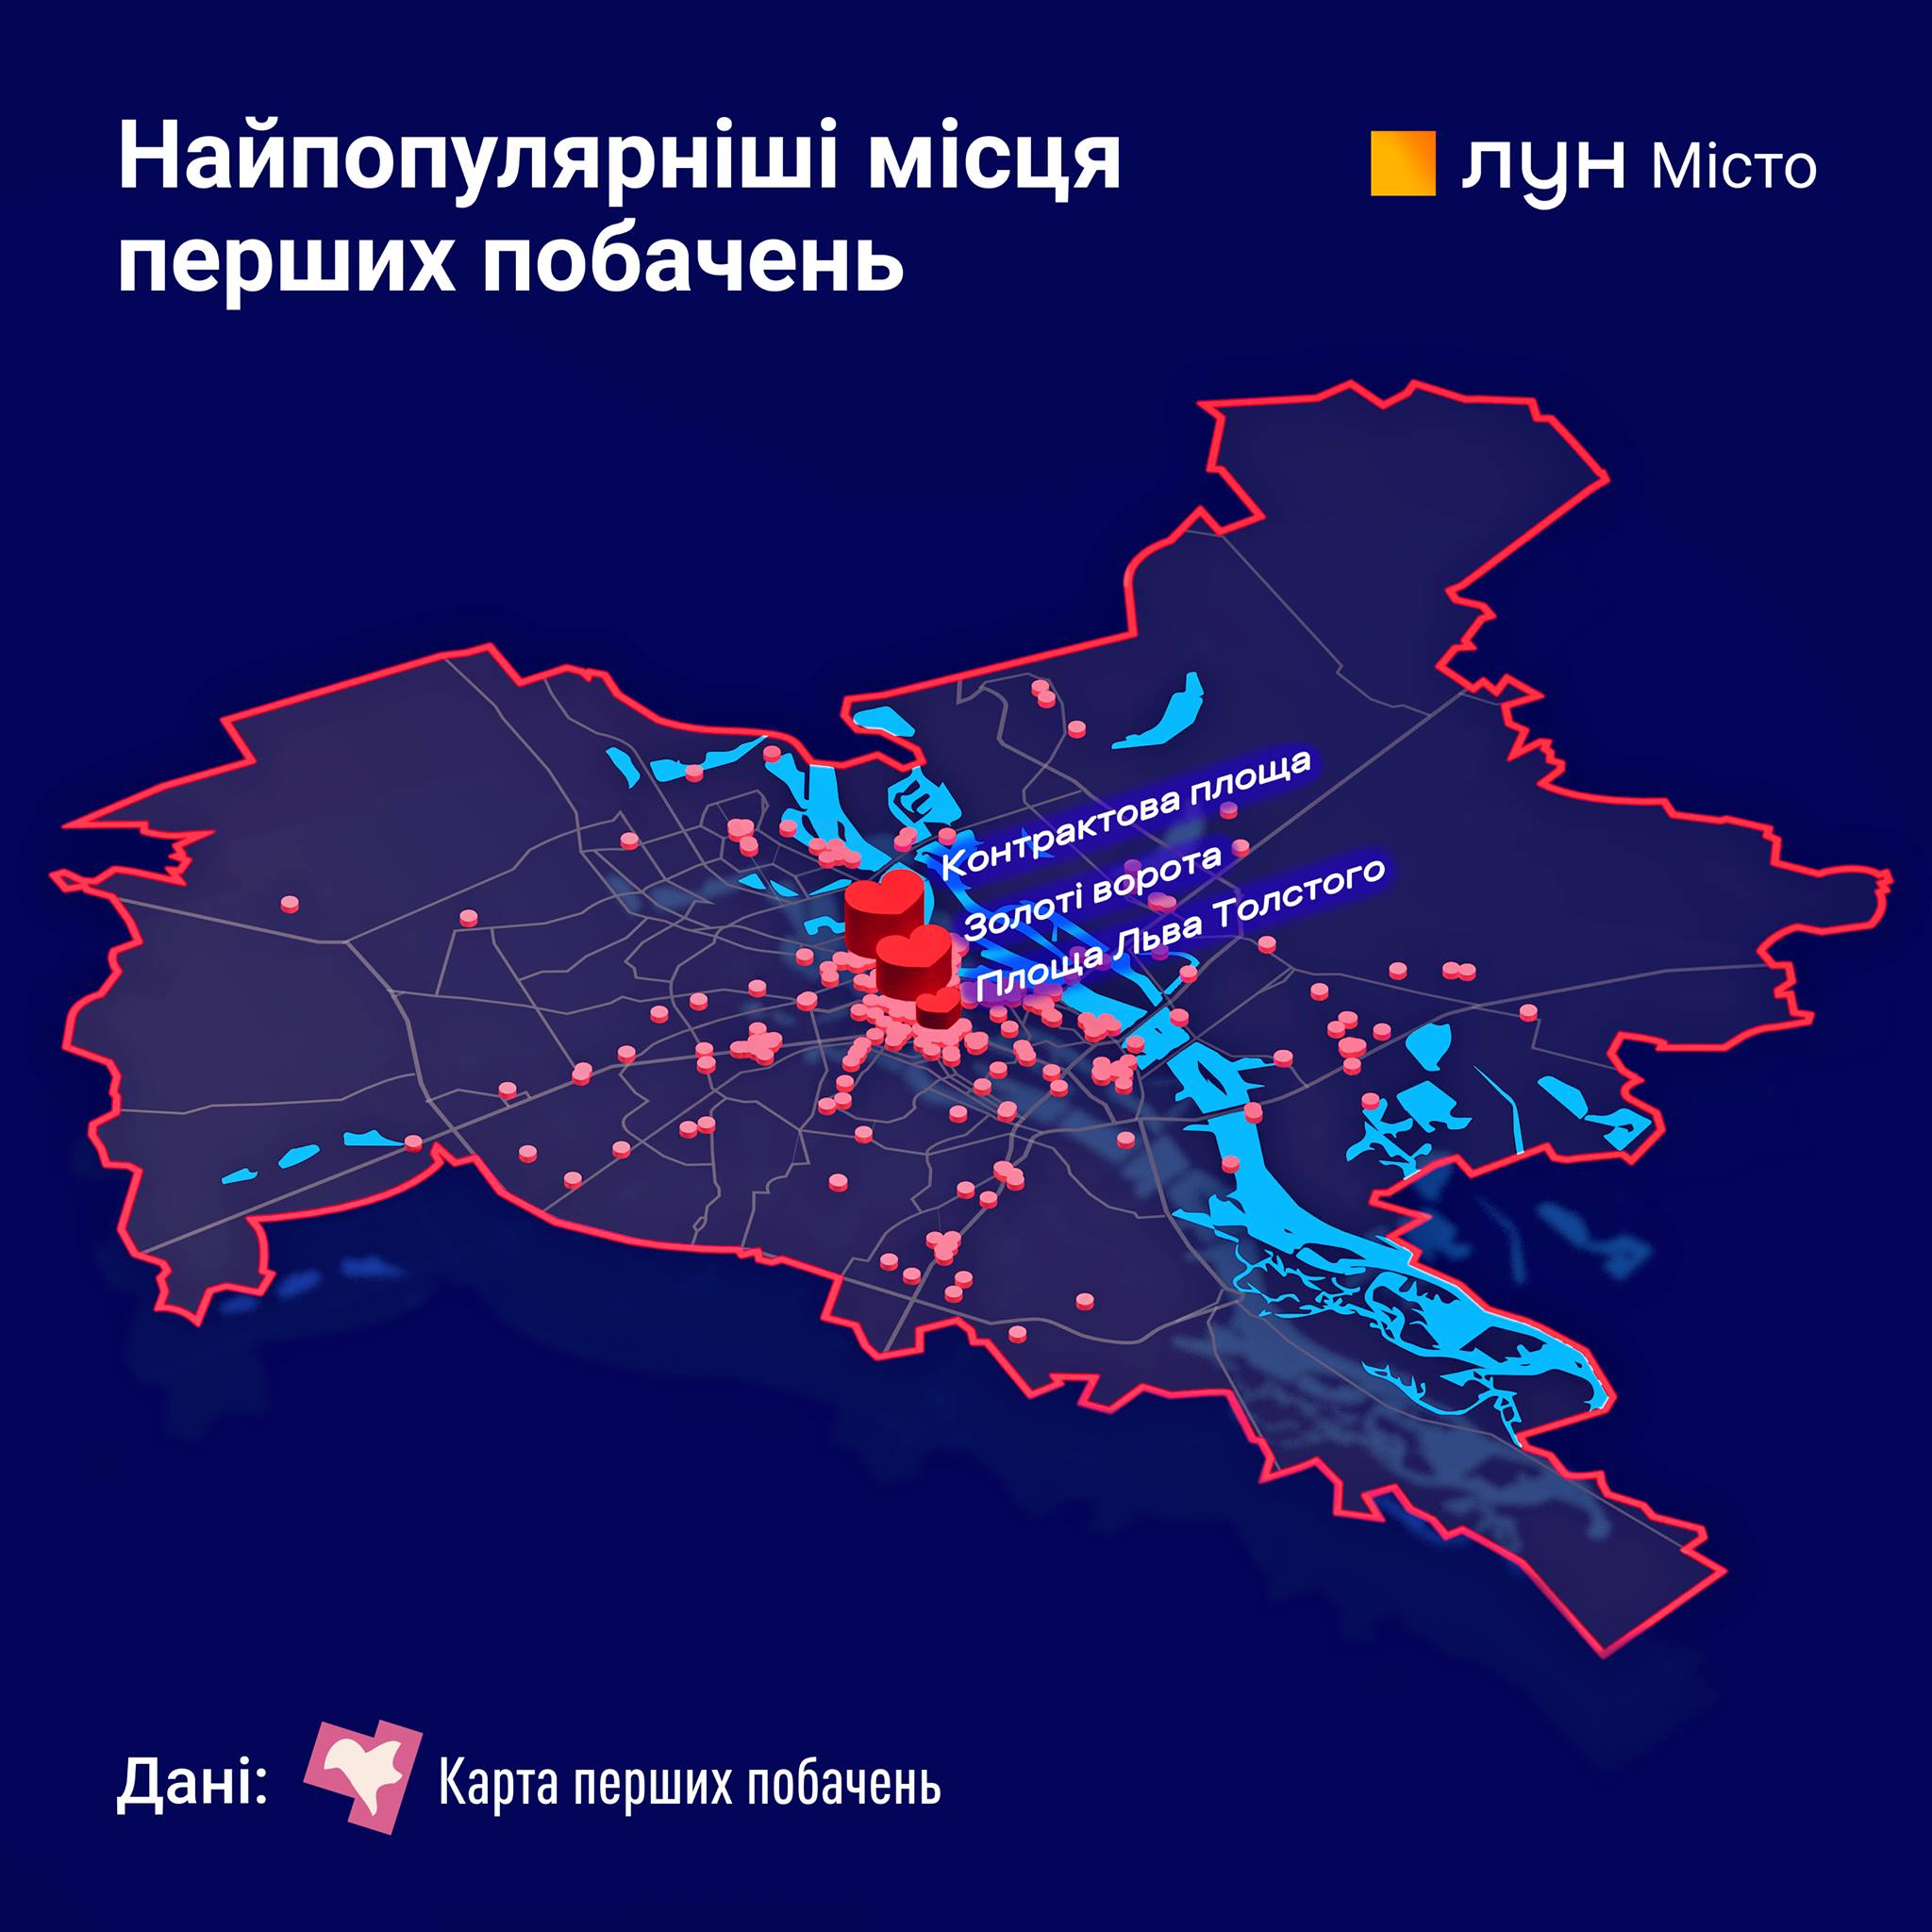 Рейтинг самых популярных мест для свиданий в Киеве